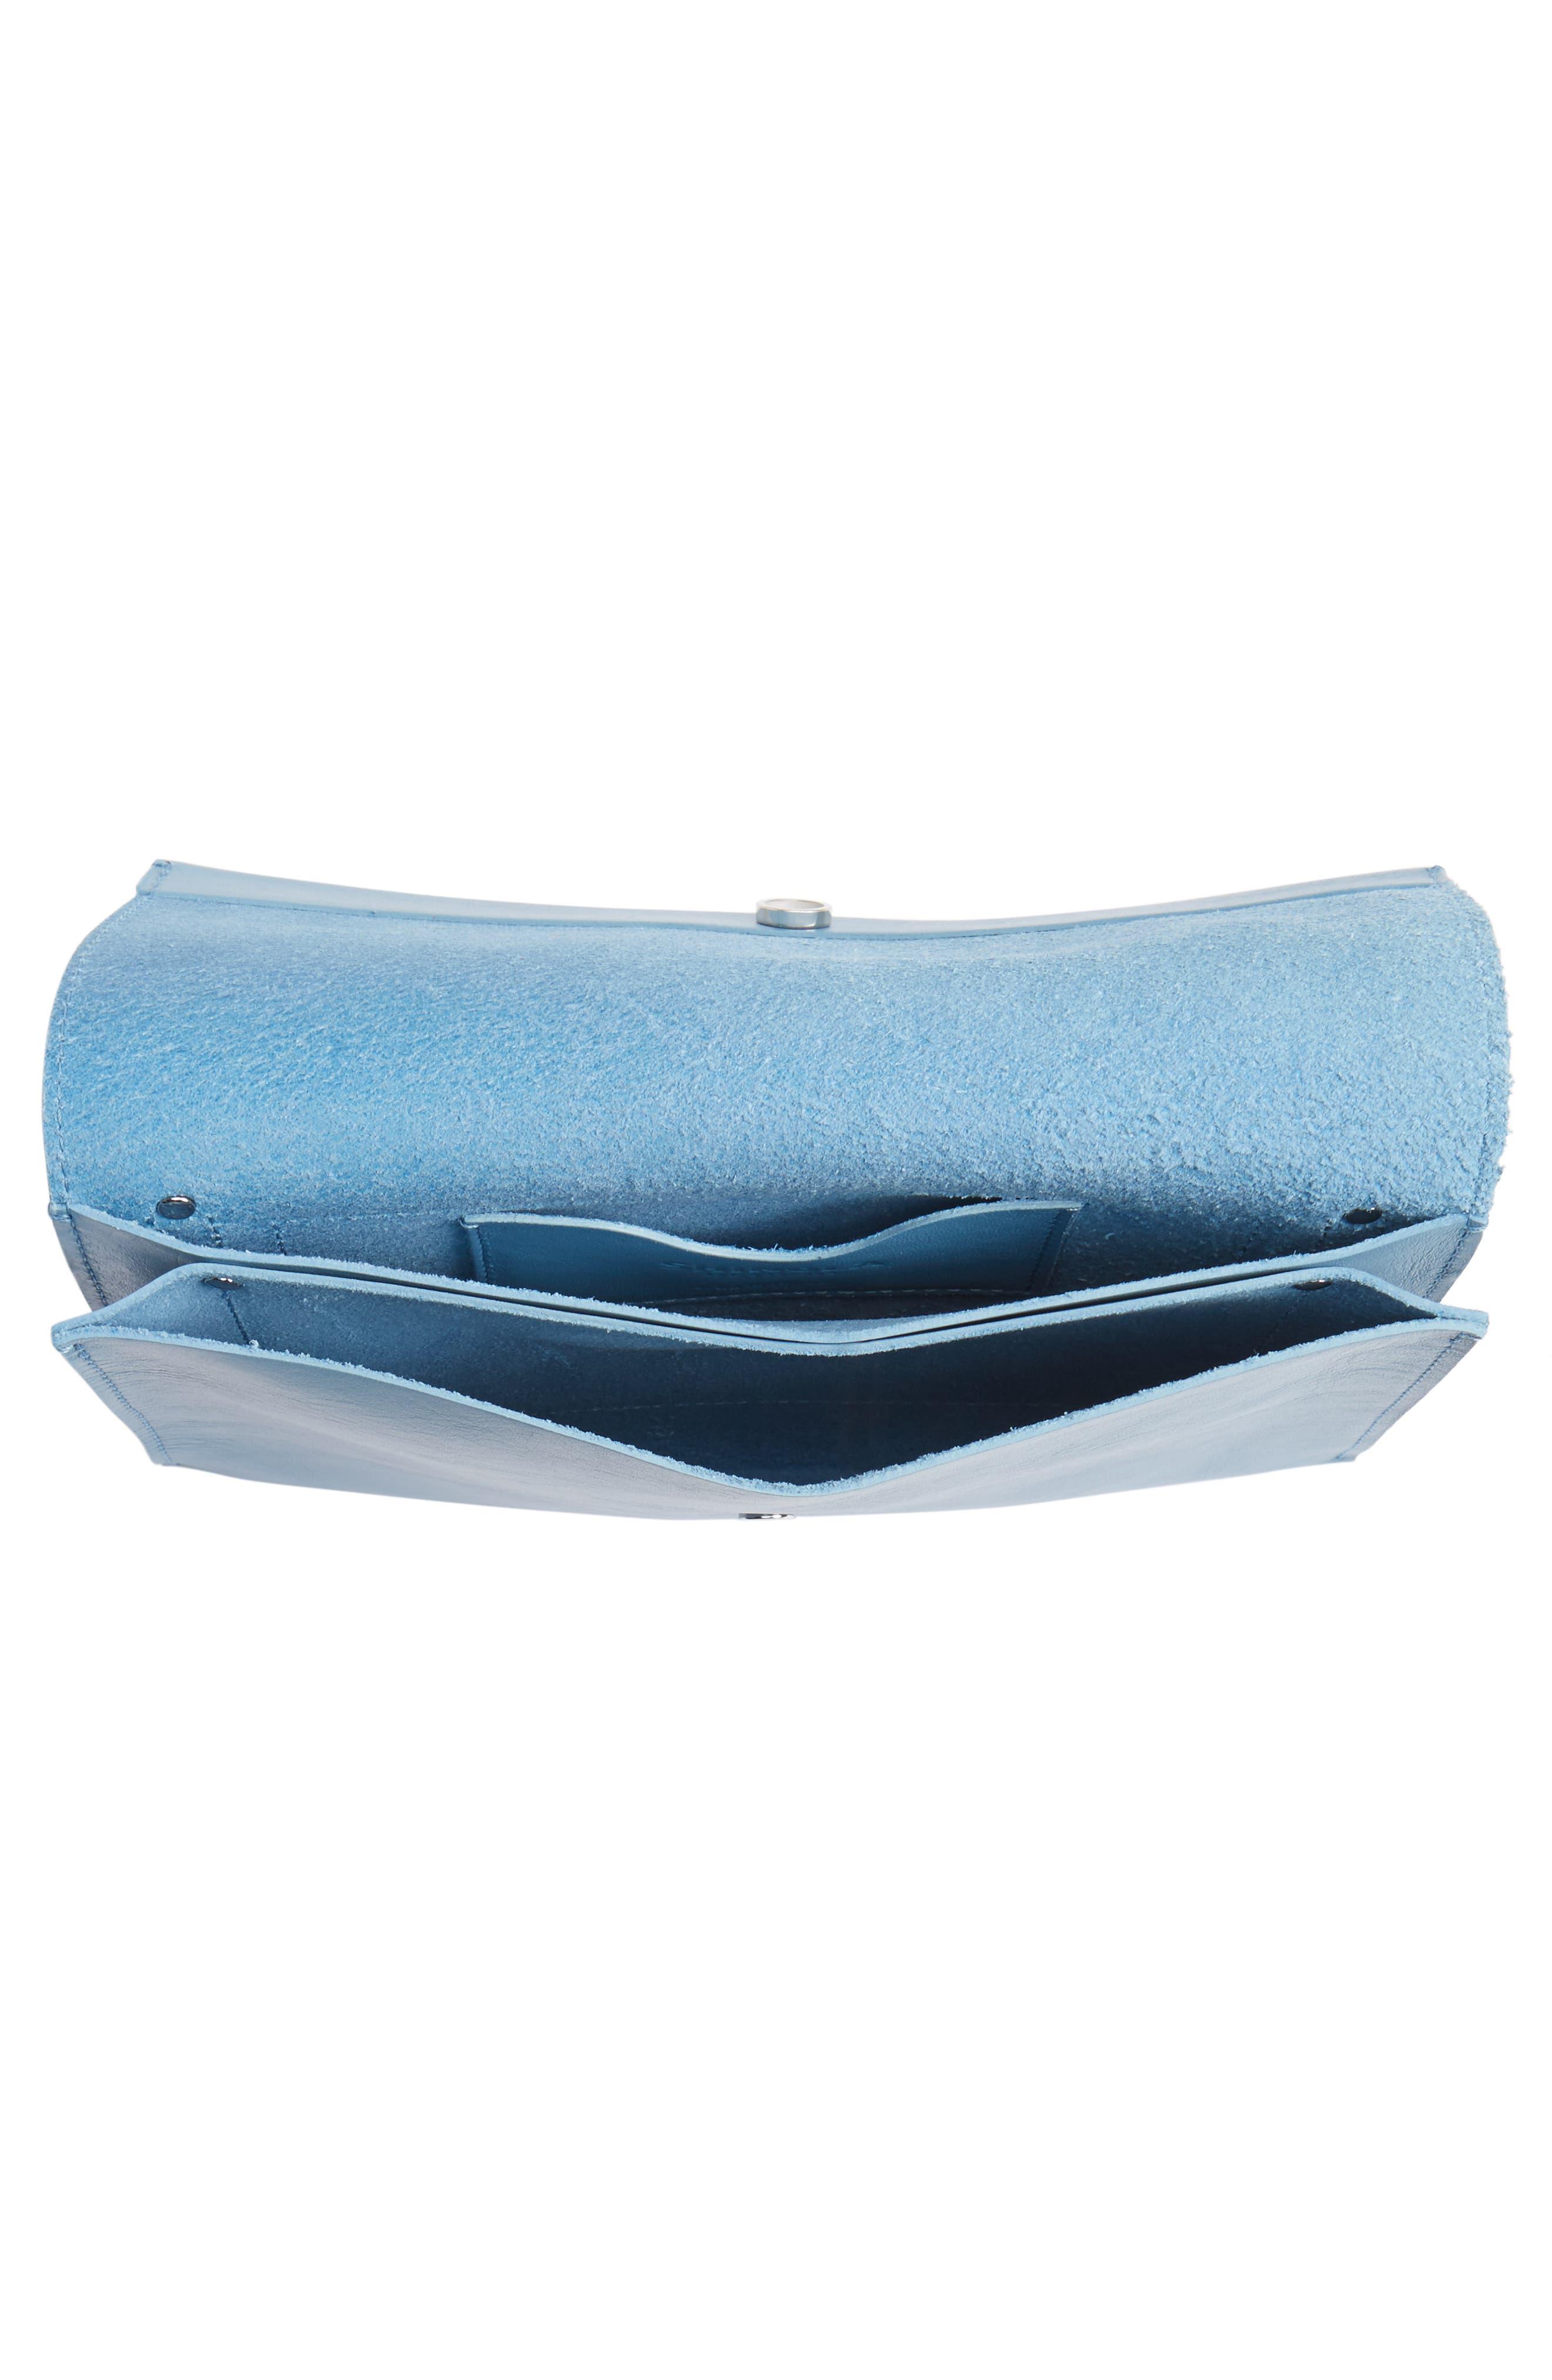 Alternate Image 4  - Shinola Crossbody Leather Bag